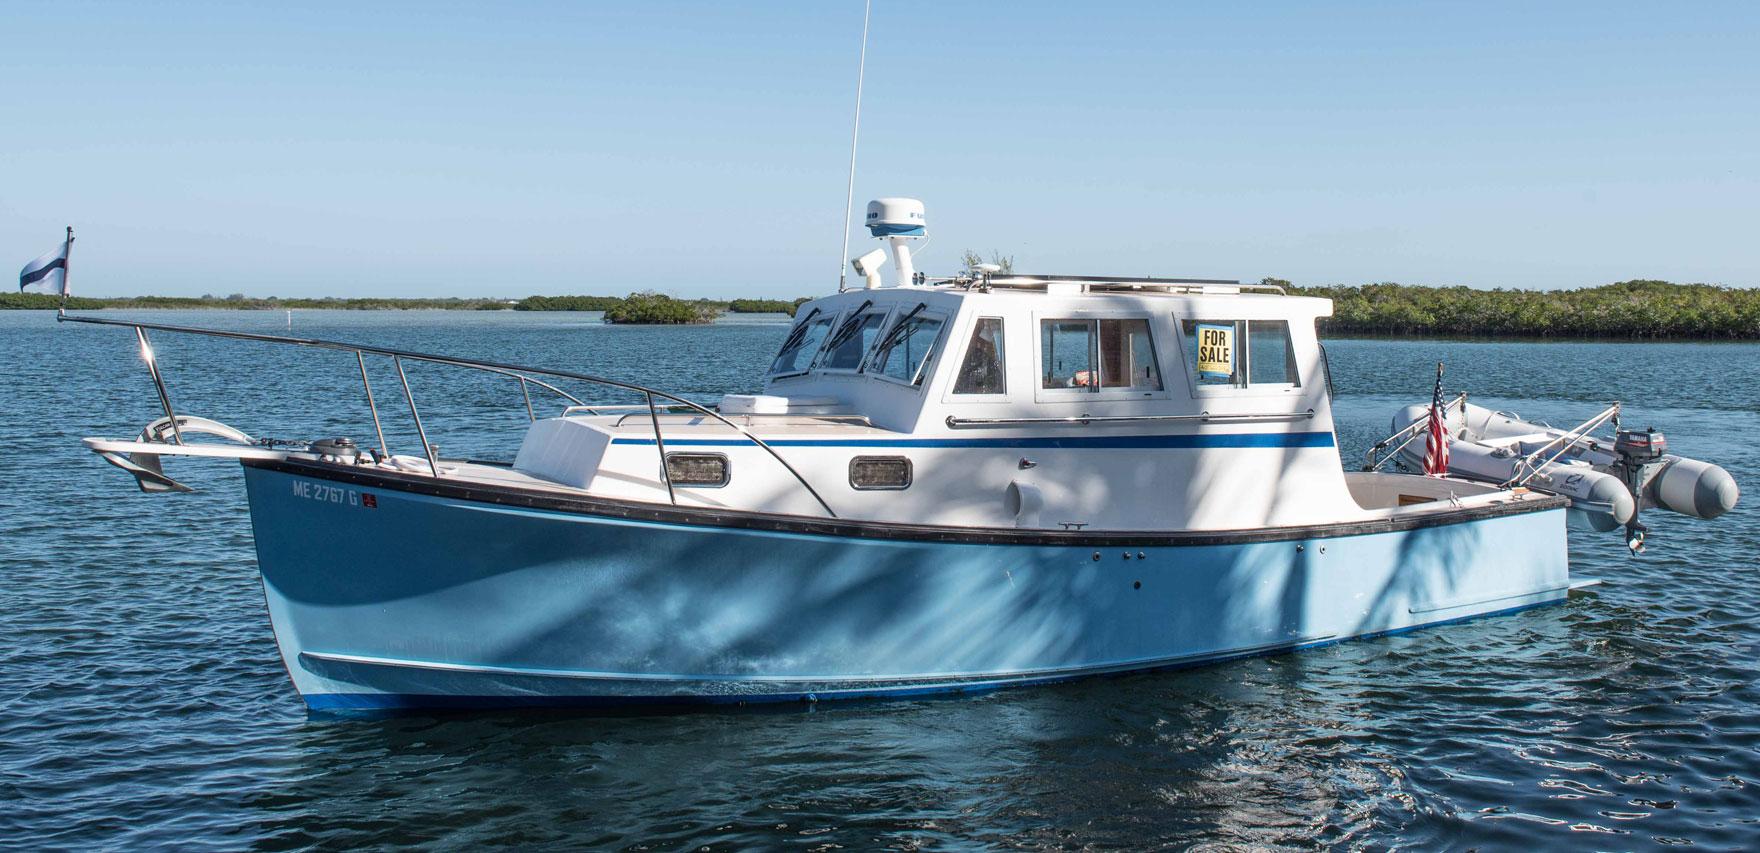 Ellis Boat For Sale: Ellis 28 Extended Top Cruiser